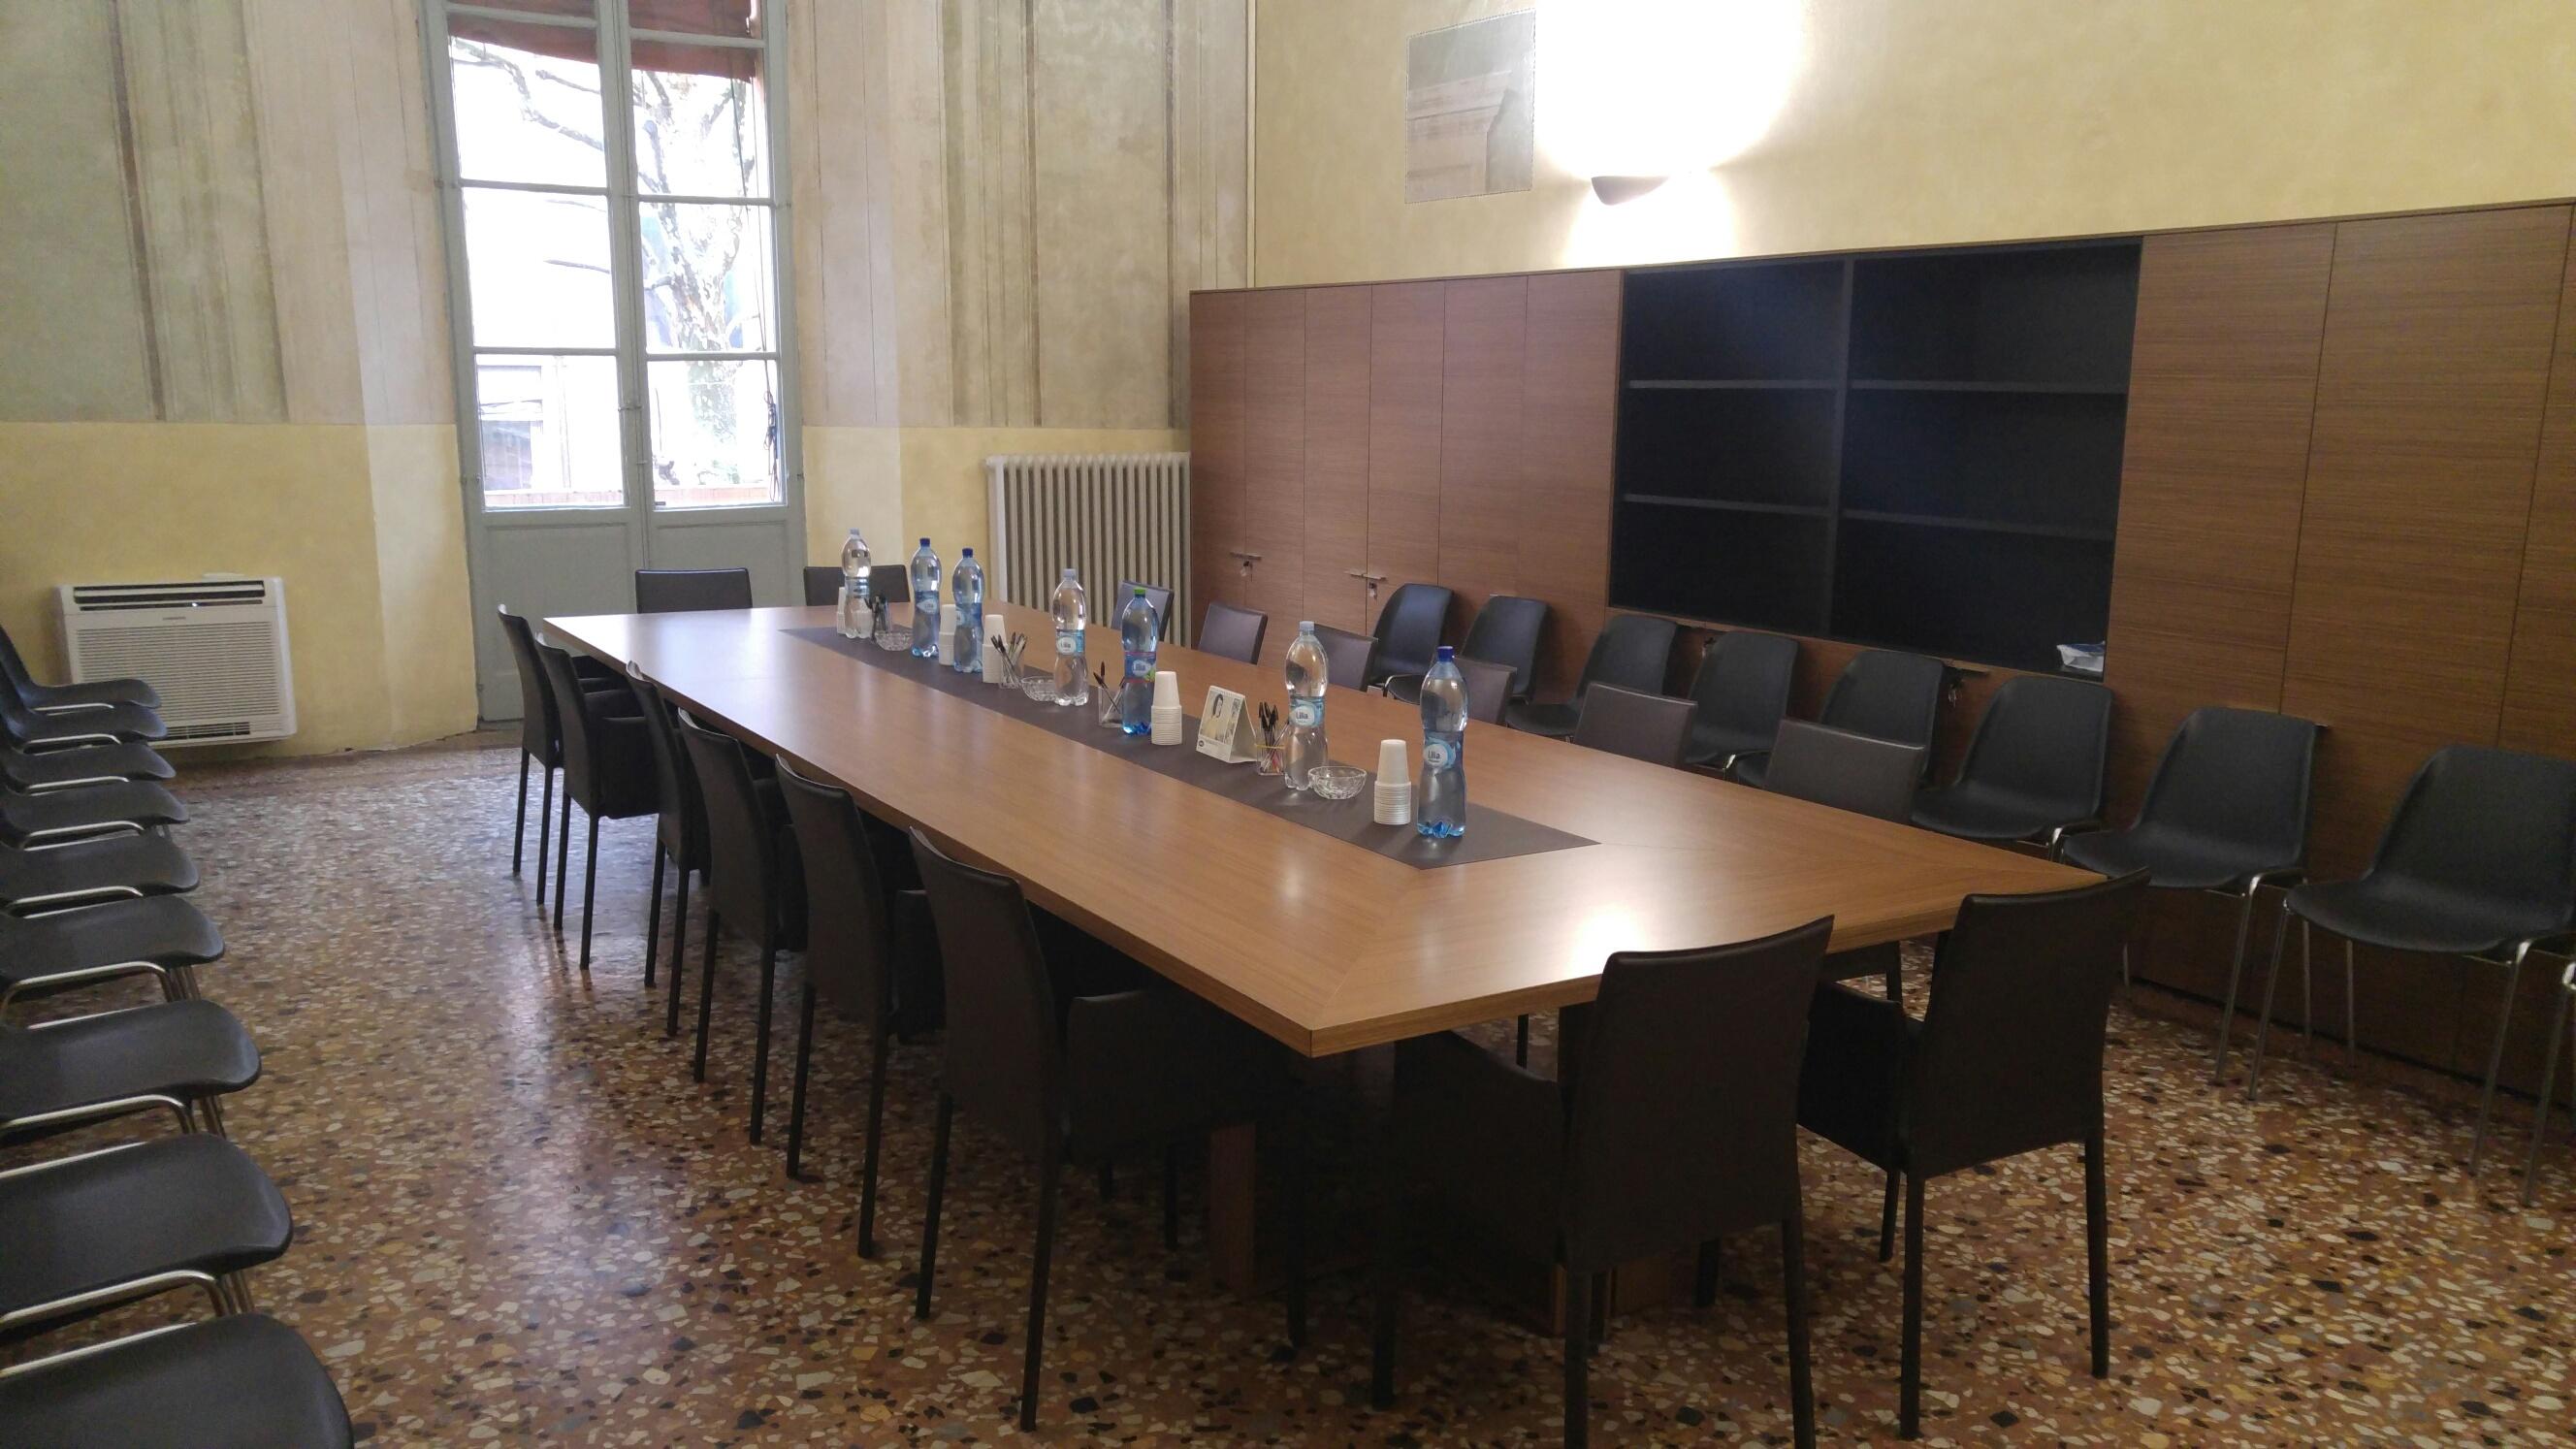 Ufficio Elettorale Bologna : L ex ufficio elettorale si trasforma in hotel a stelle cronaca